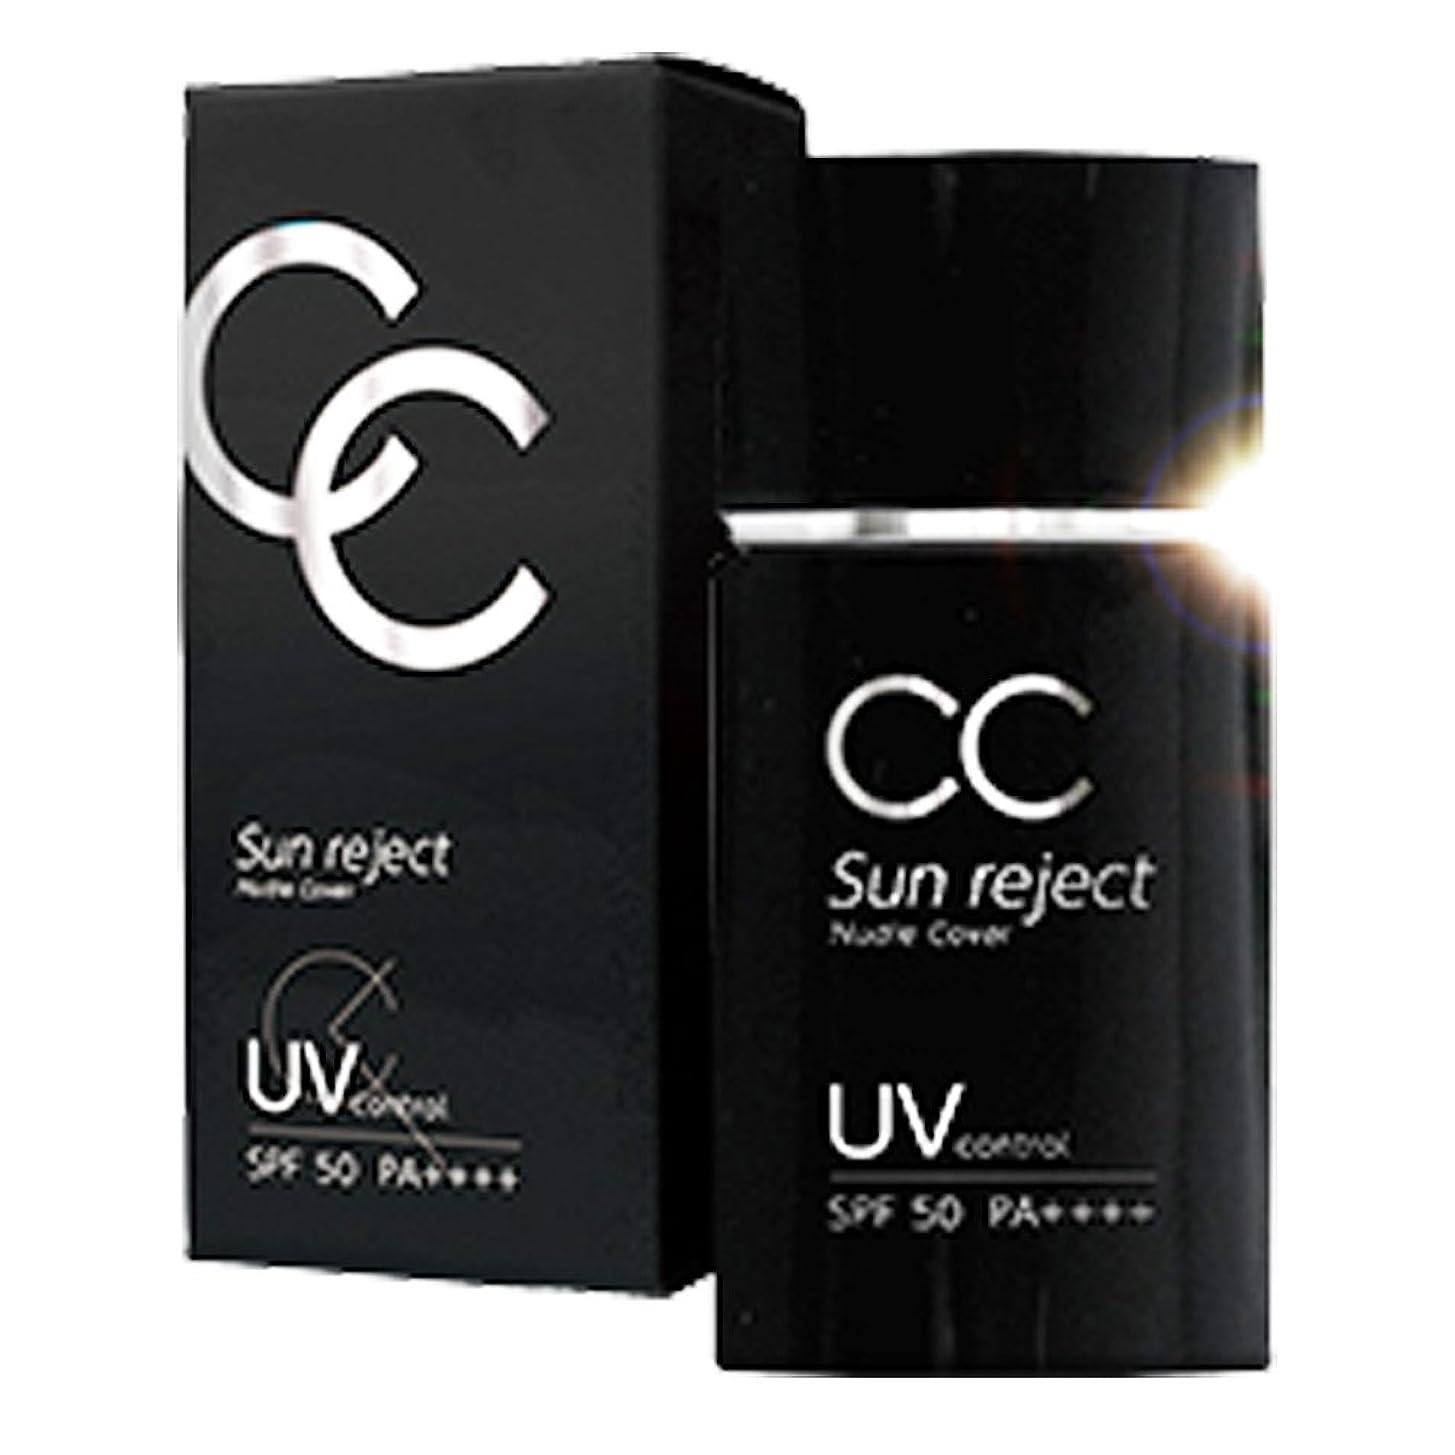 宿泊罰する早めるエヴリワン UV control サンリジェクト Nudie Cover 30ml